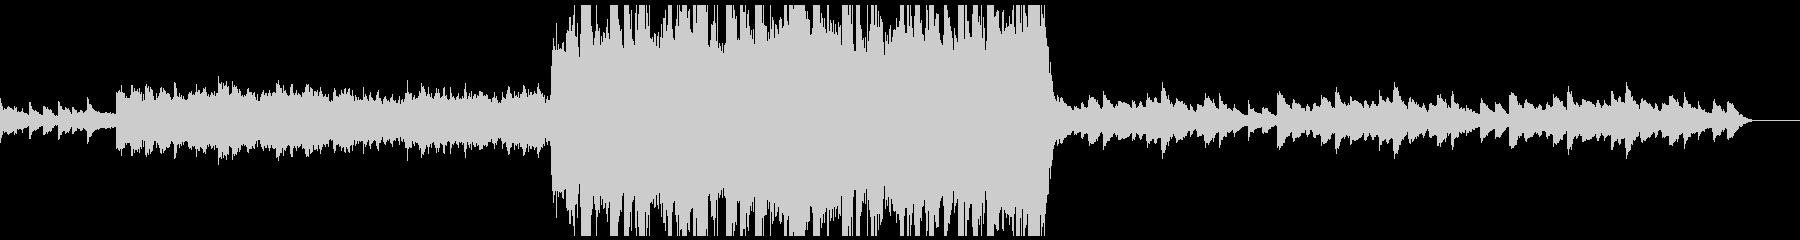 壮大なスケールのエンディング風BGMの未再生の波形